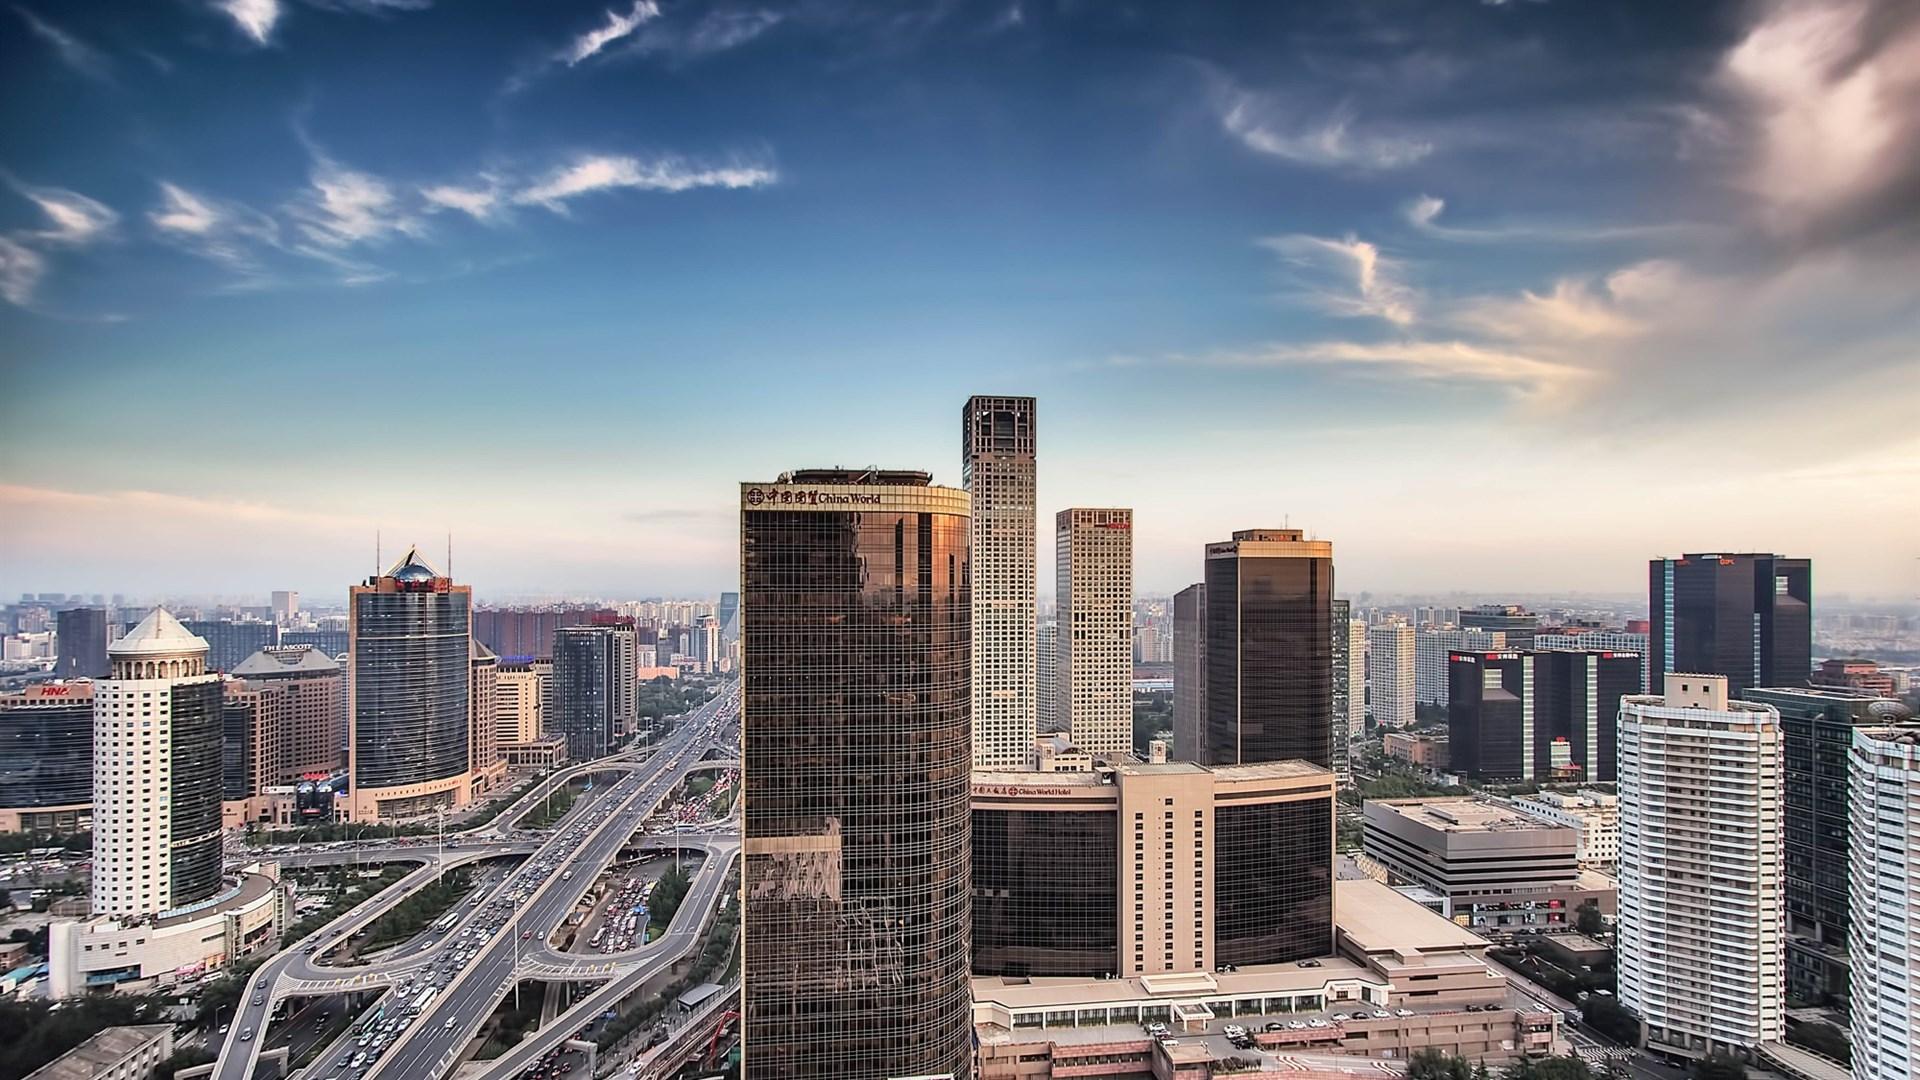 北京市拟以多渠道解决城市运行和服务保障行业务工人员住宿问题